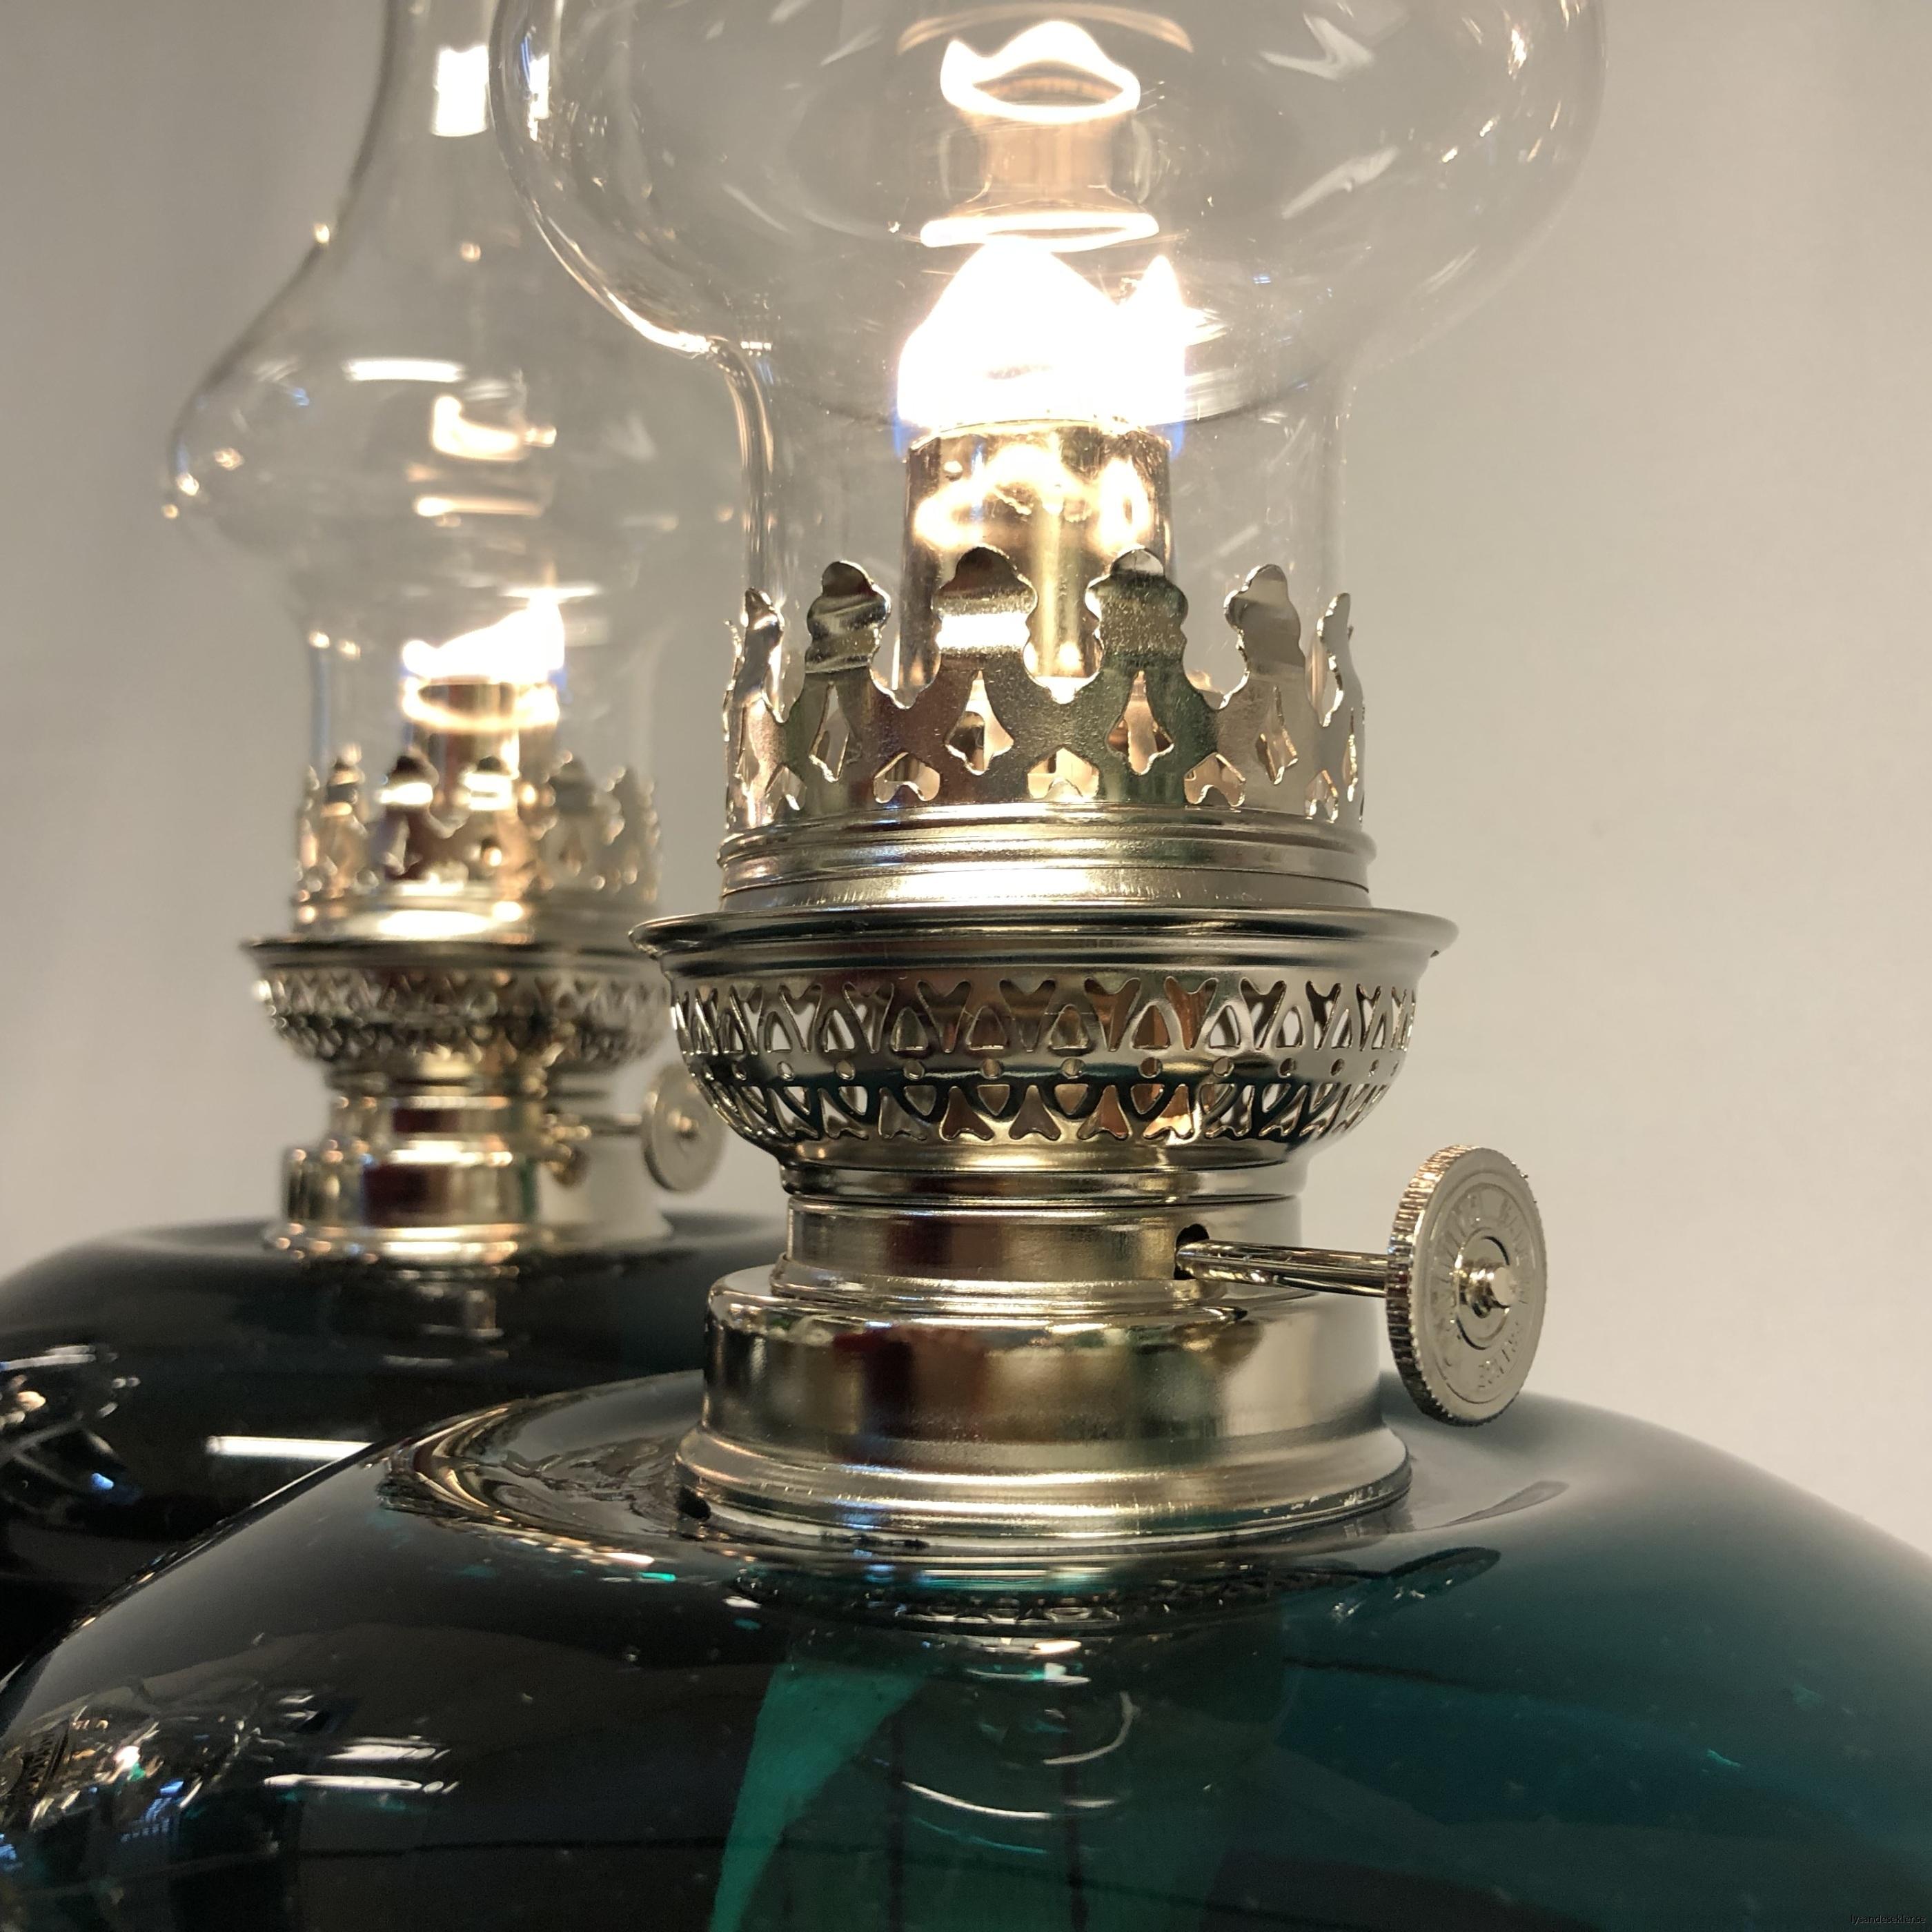 fotogenlampa fotogenlampor oljelampa oljelampor renoverad antik antikvitet38